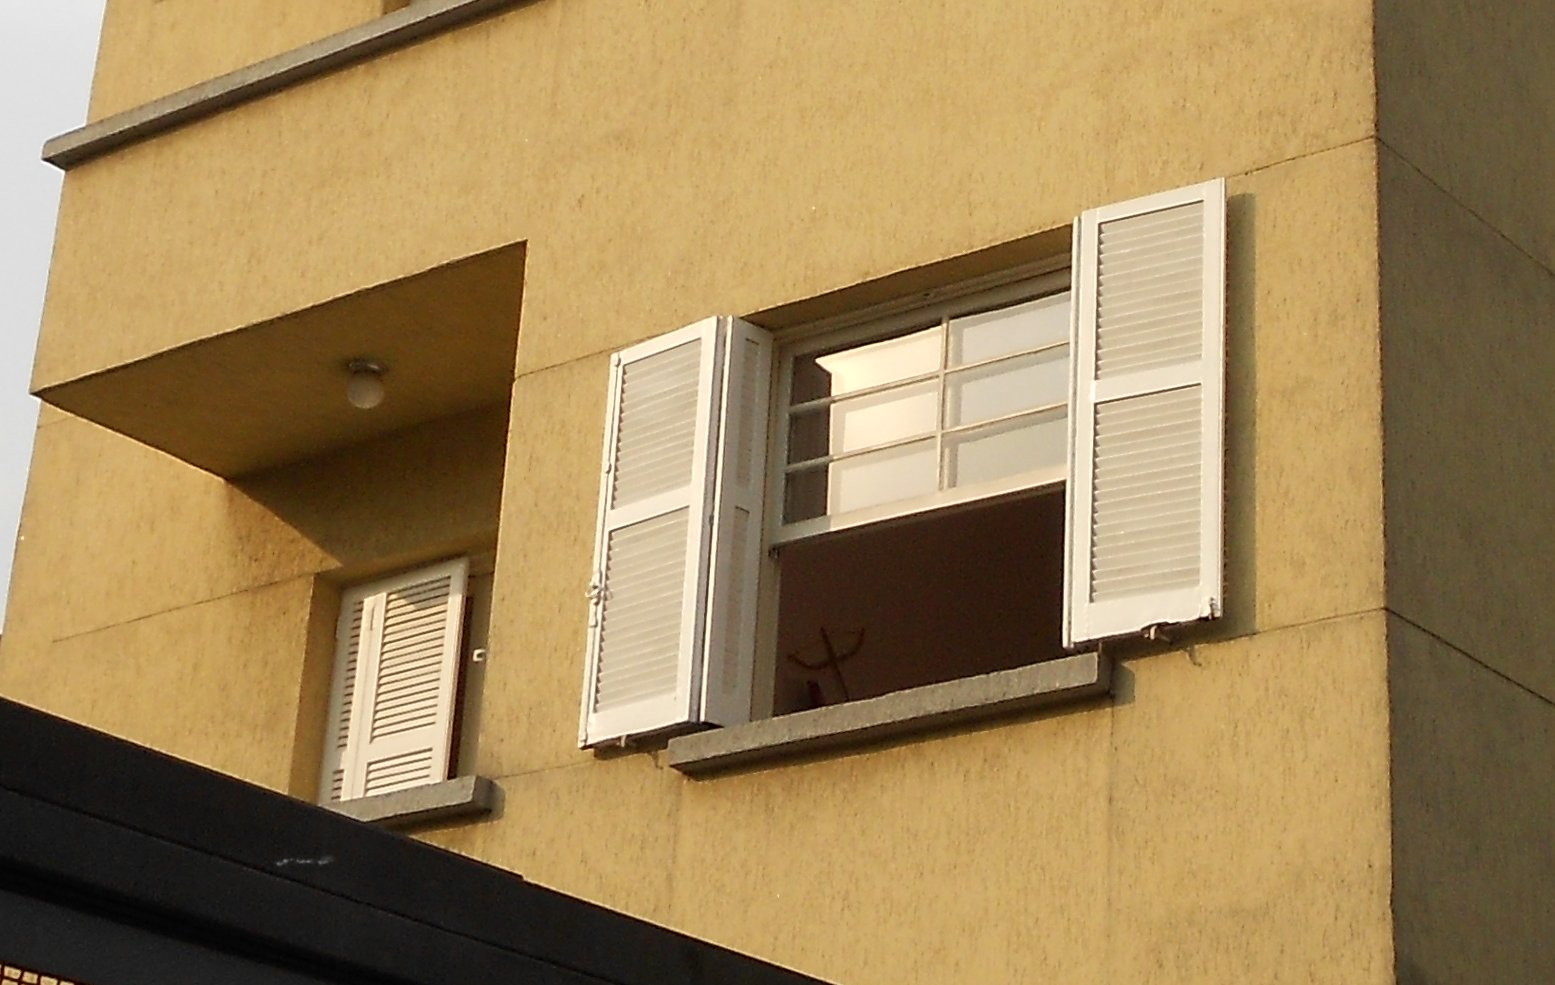 #987533 quarta feira 19 de setembro de 2012 1400 Qual é Melhor Janela De Aço Ou Aluminio